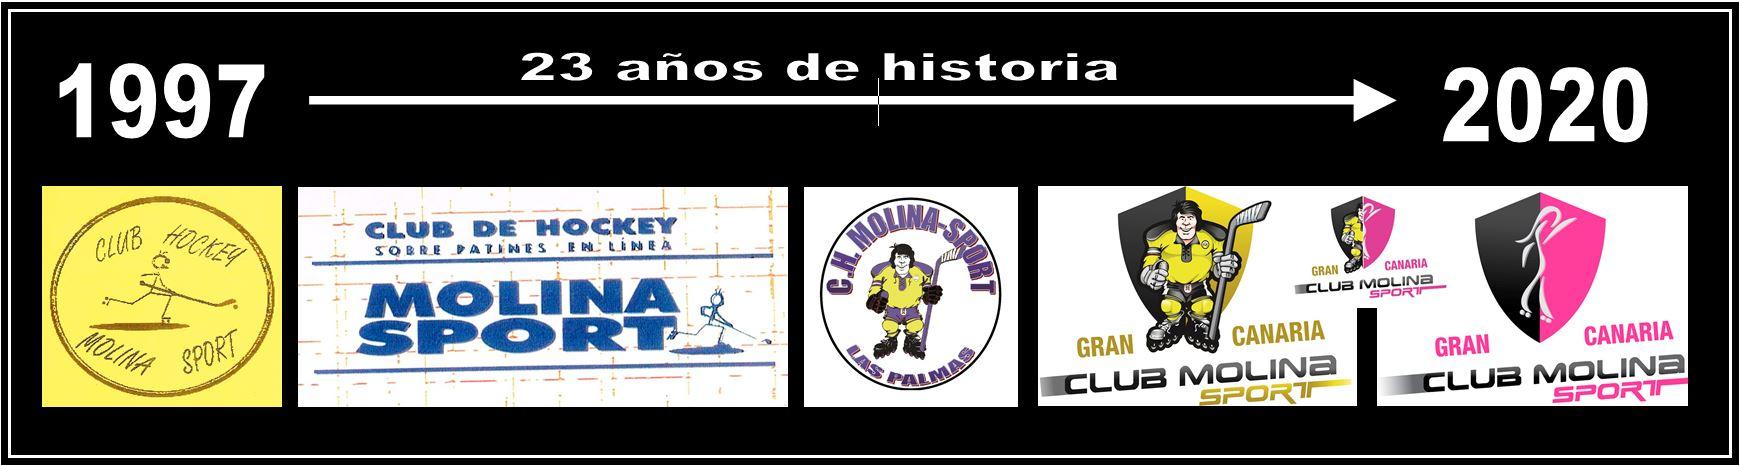 historia_del_club_molinasport (3)